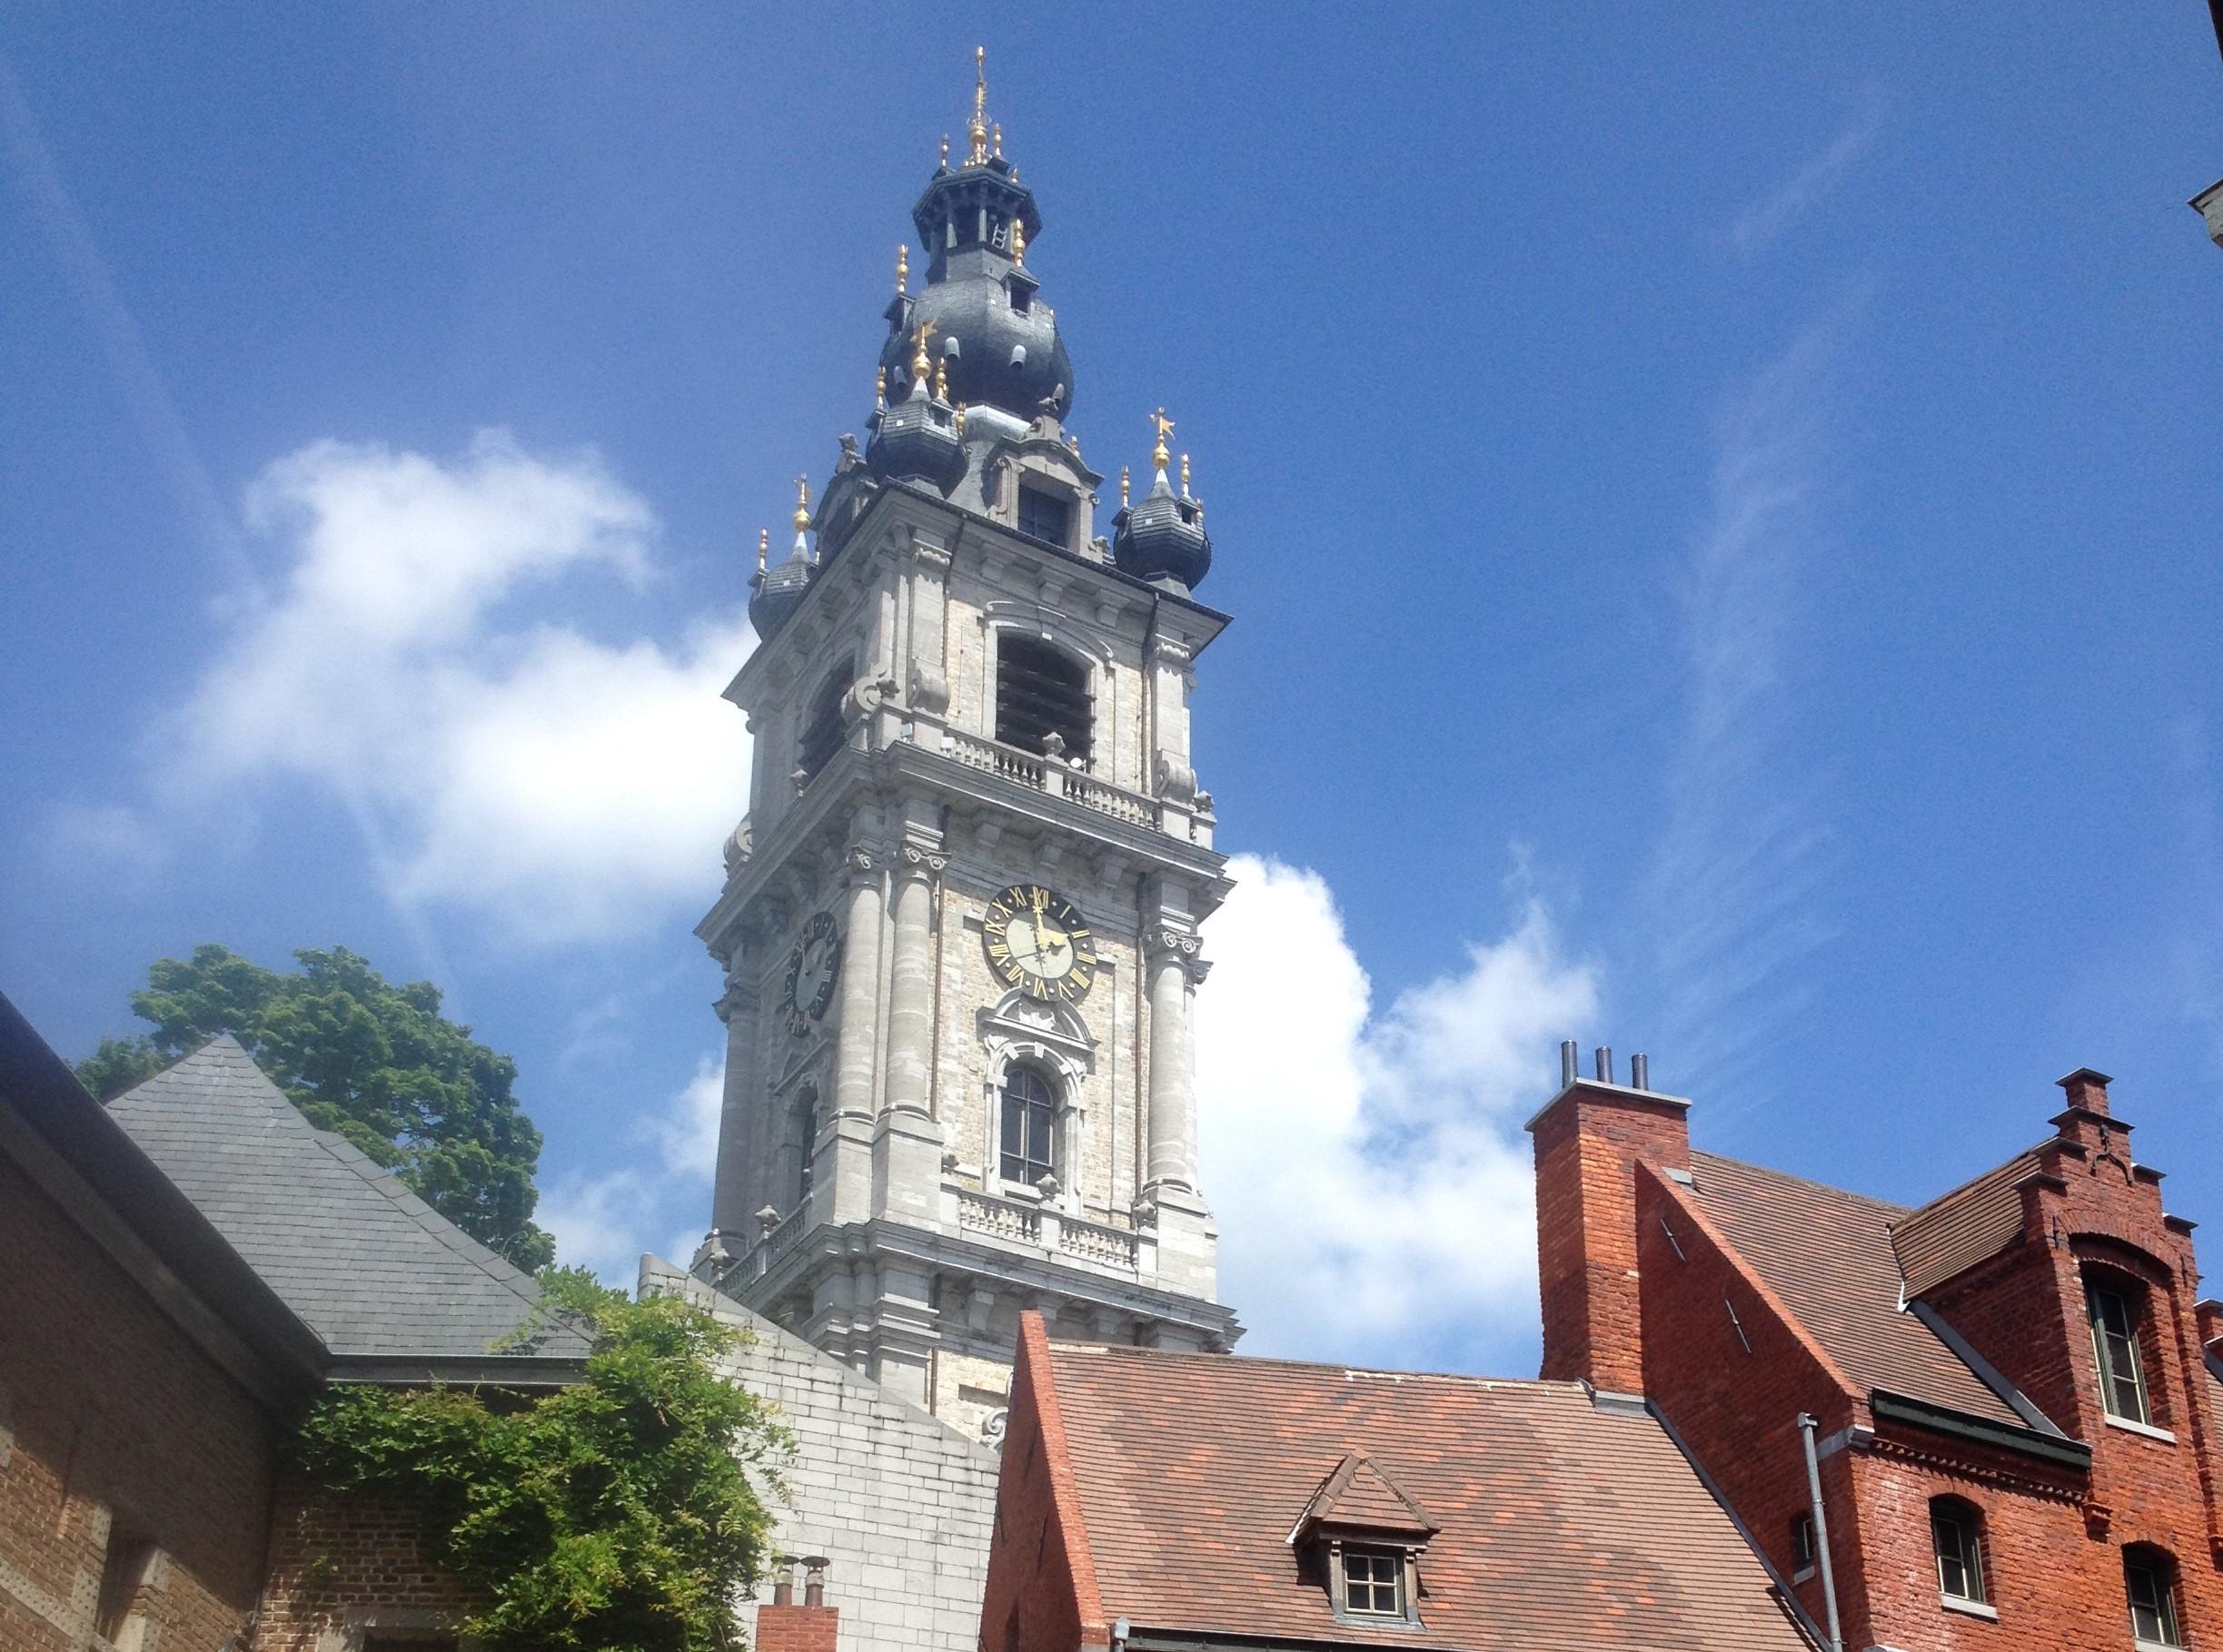 Mons – ein Turm, ein Drache und ein Äffchen